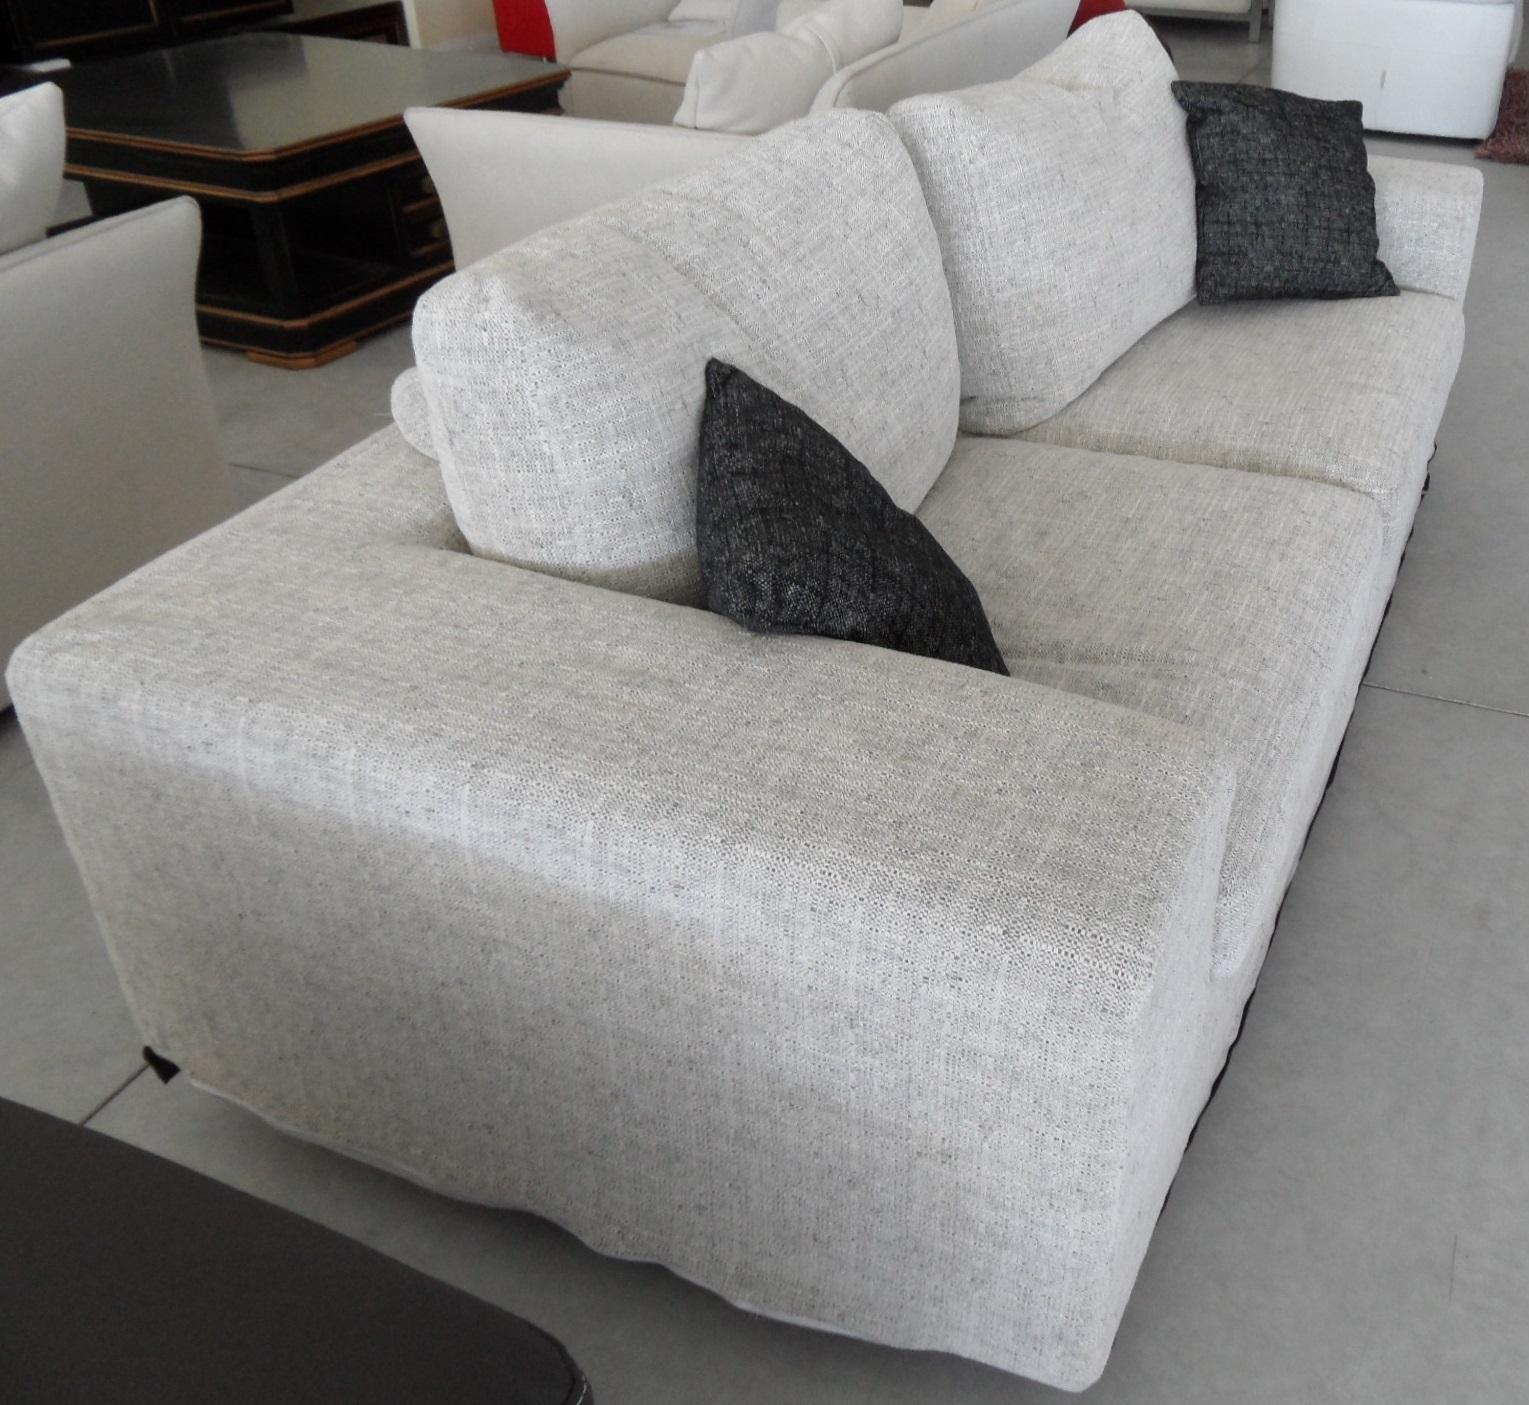 Divano materasso roche bobois idee per il design della casa - Prodotti per pulire il divano in tessuto ...